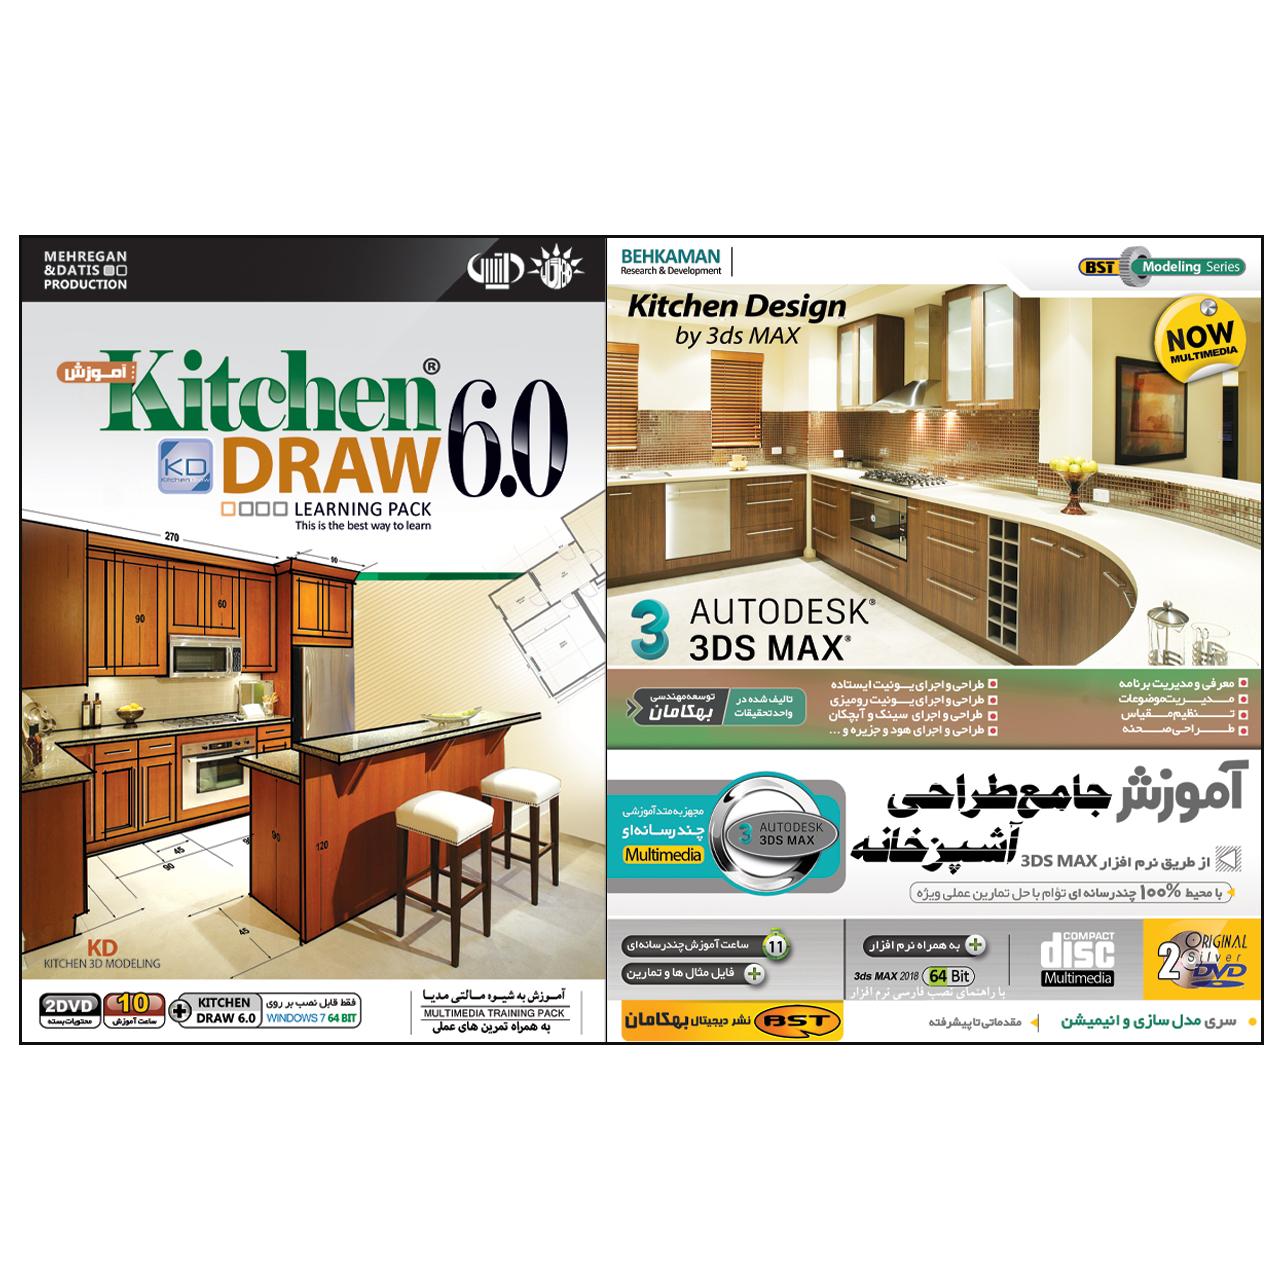 نرم افزار آموزش Kitchen Draw نشر مهرگان به همراه نرم افزار آموزش طراحی آشپزخانه با 3D Max نشر بهکامان